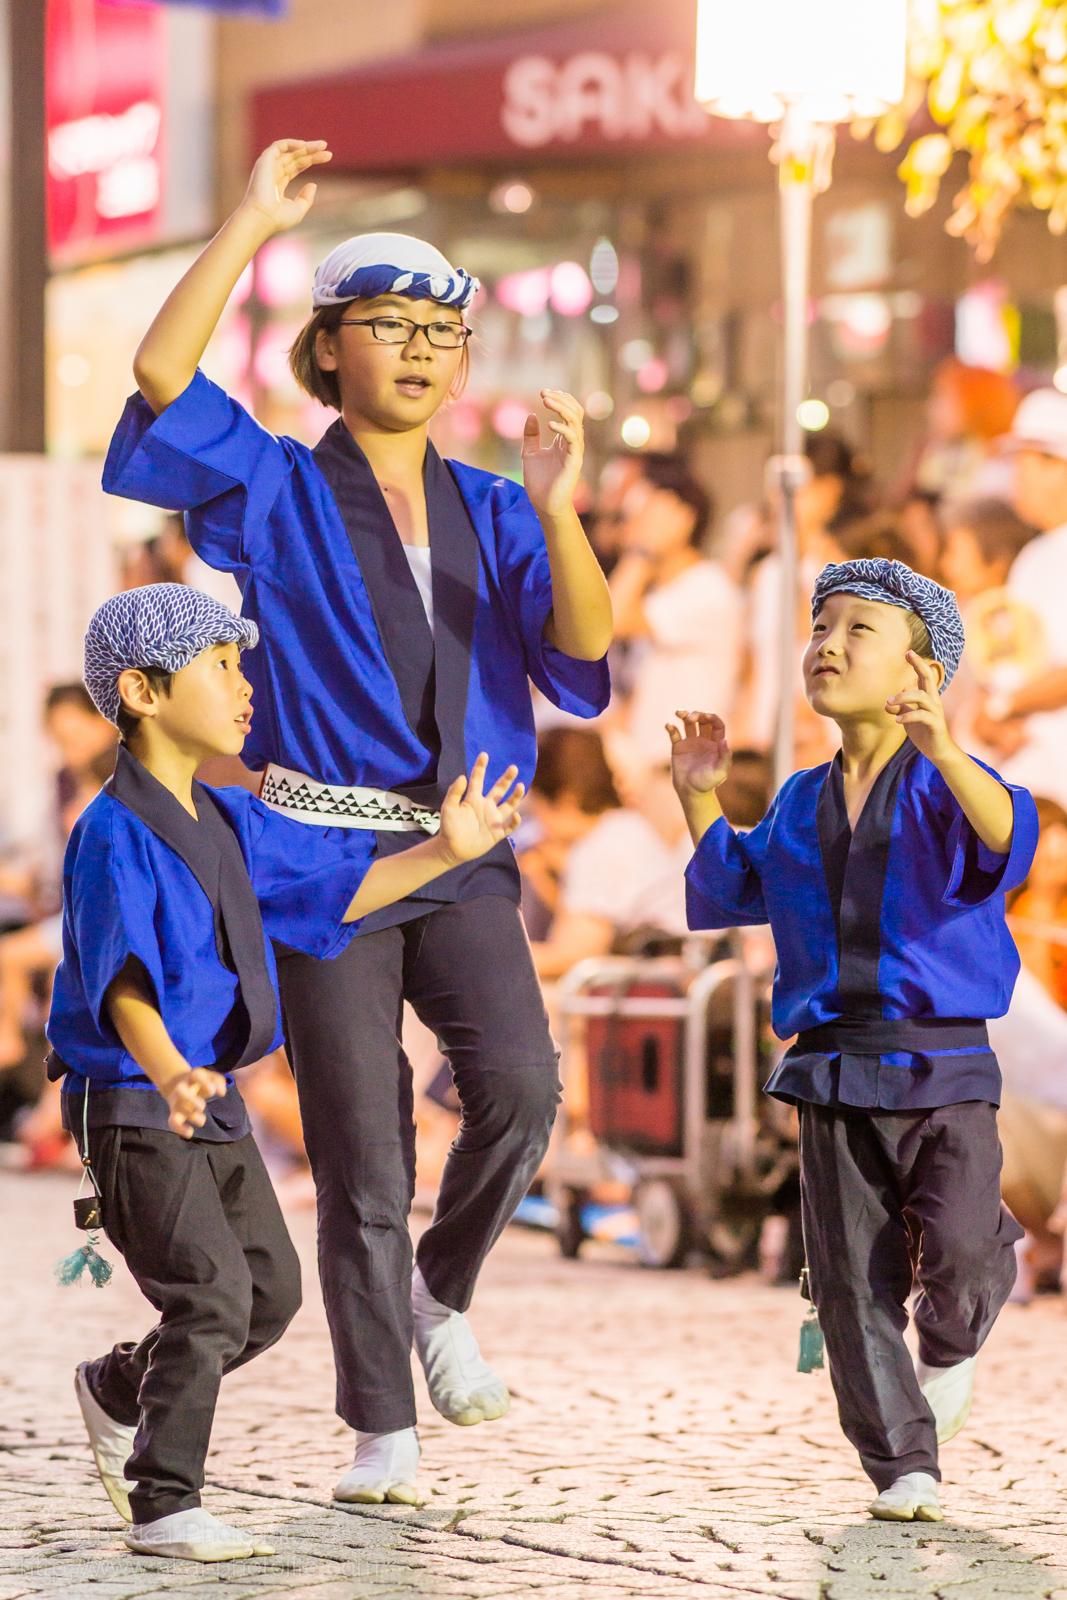 三鷹阿波踊り、新粋連の子供踊りをまとめるお姉ちゃん